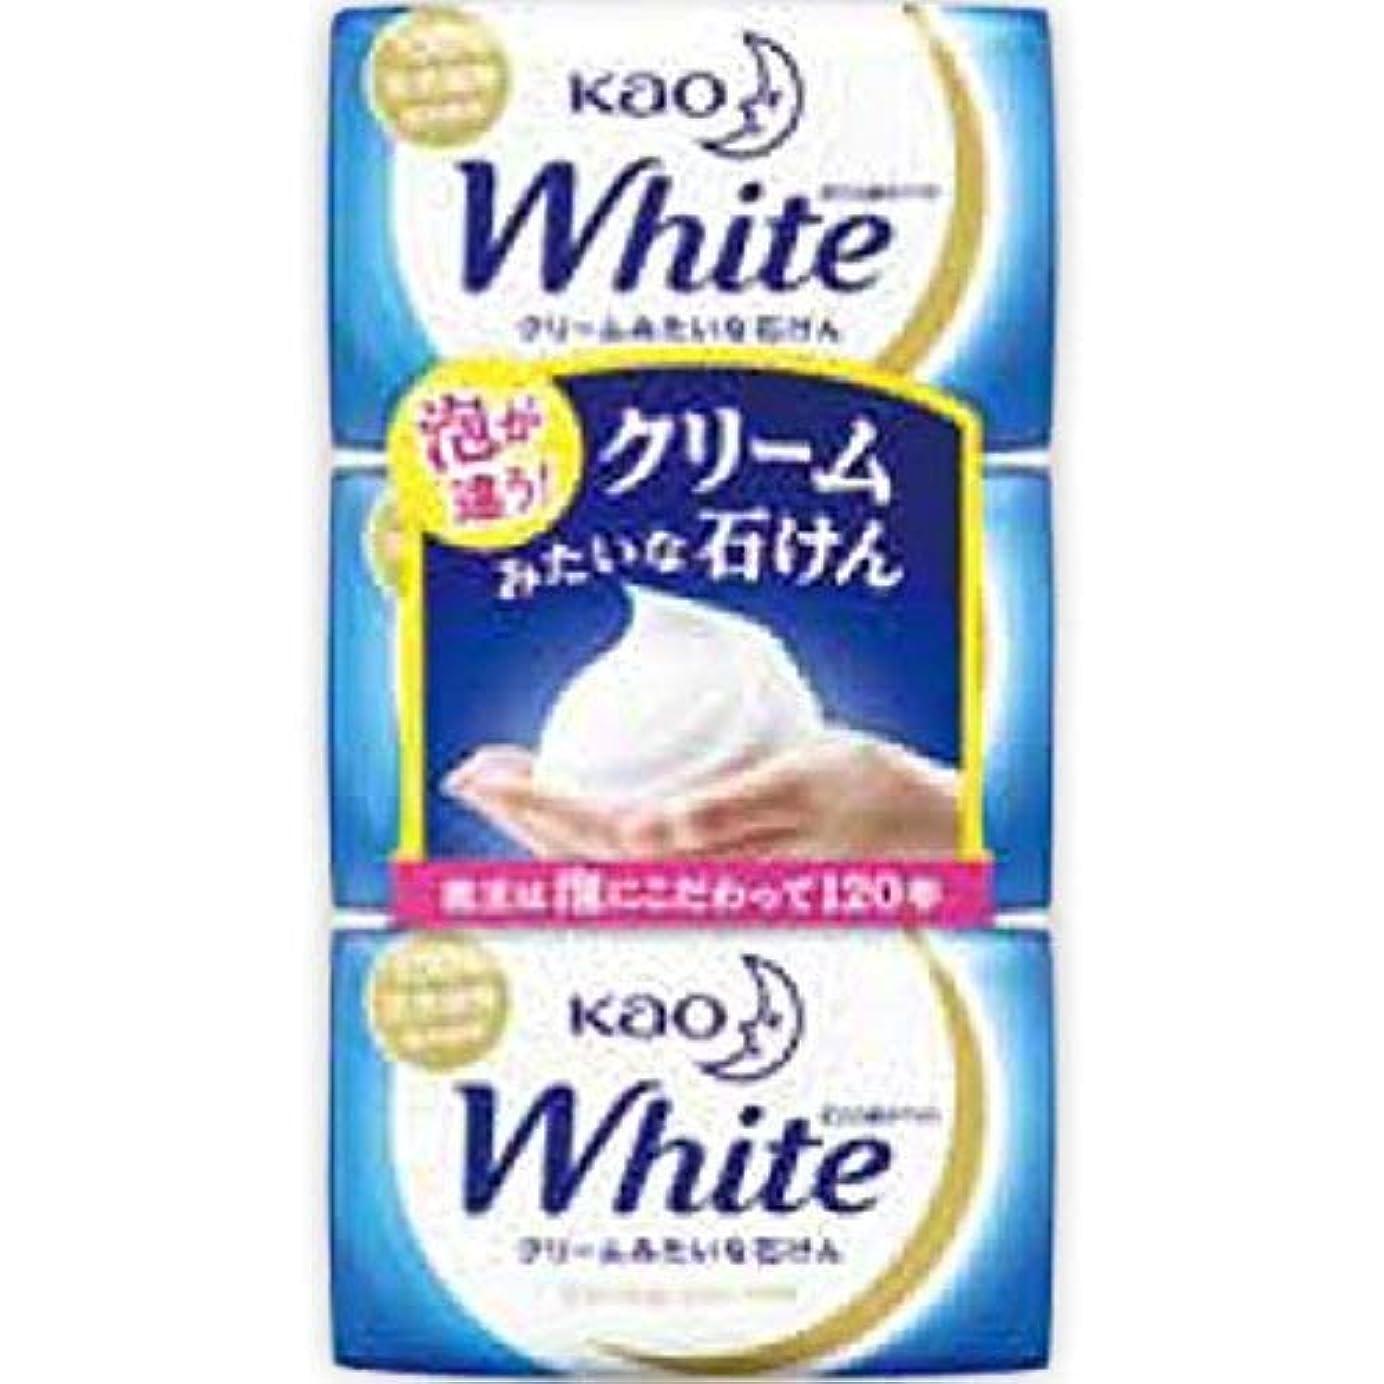 パフひも熟達した花王ホワイト レギュラーサイズ 85g*3個入